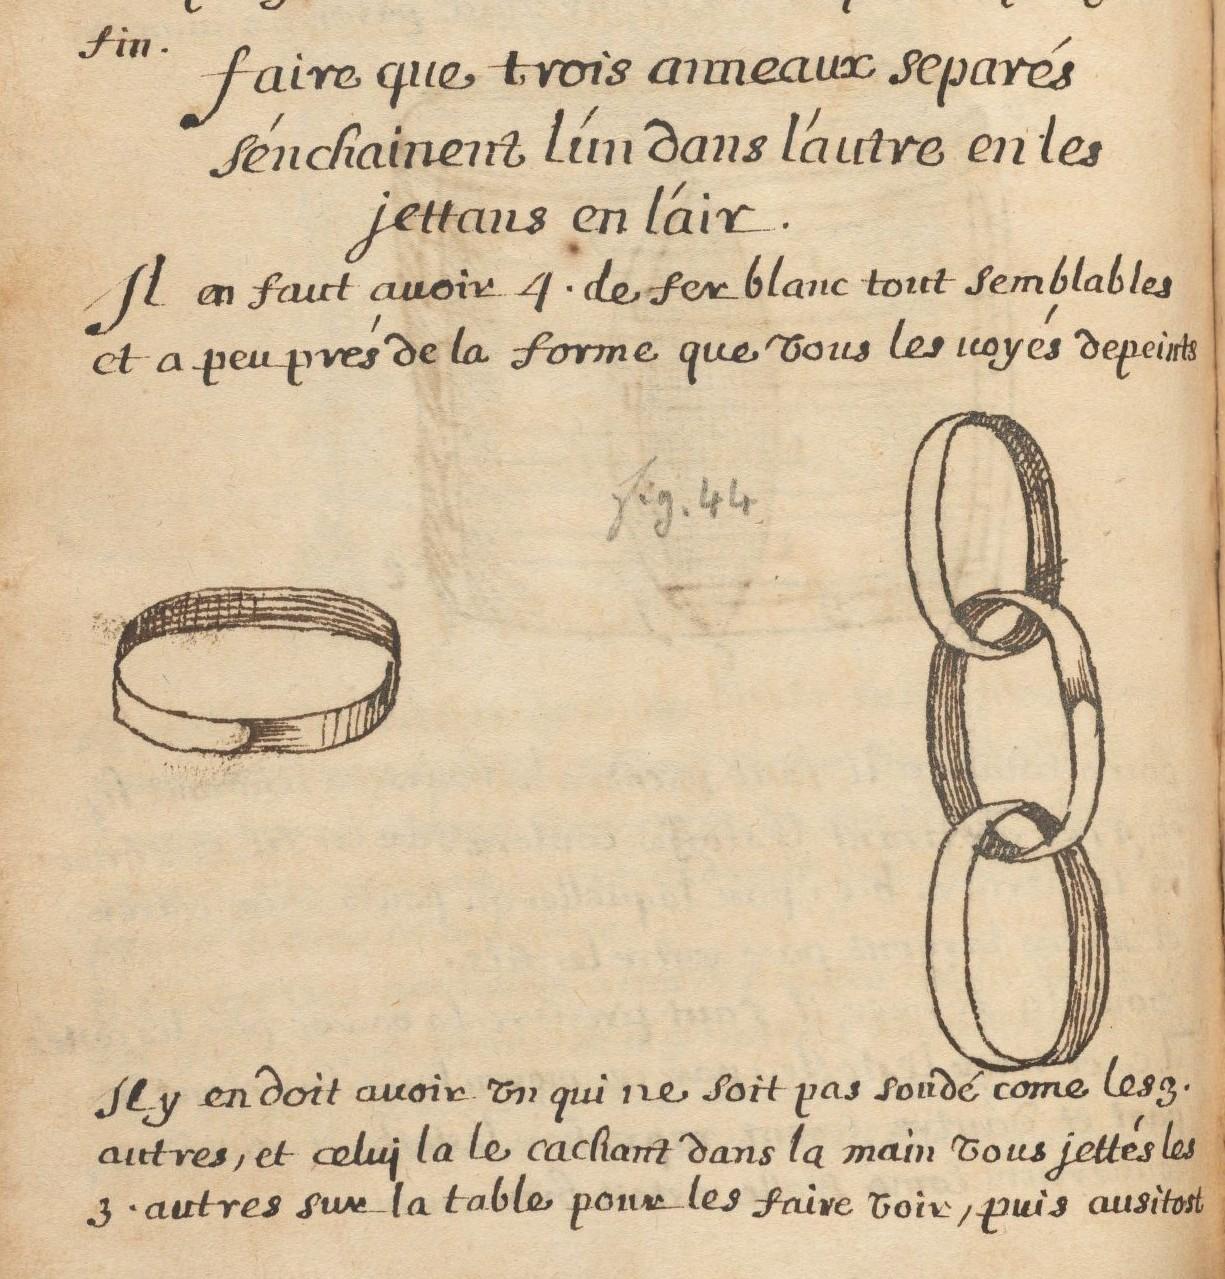 La magie du Pont Neuf : où sont contenus les jeux et subtilités des basteleurs : manuscript, [between 1643 and 1651] MS Typ 530